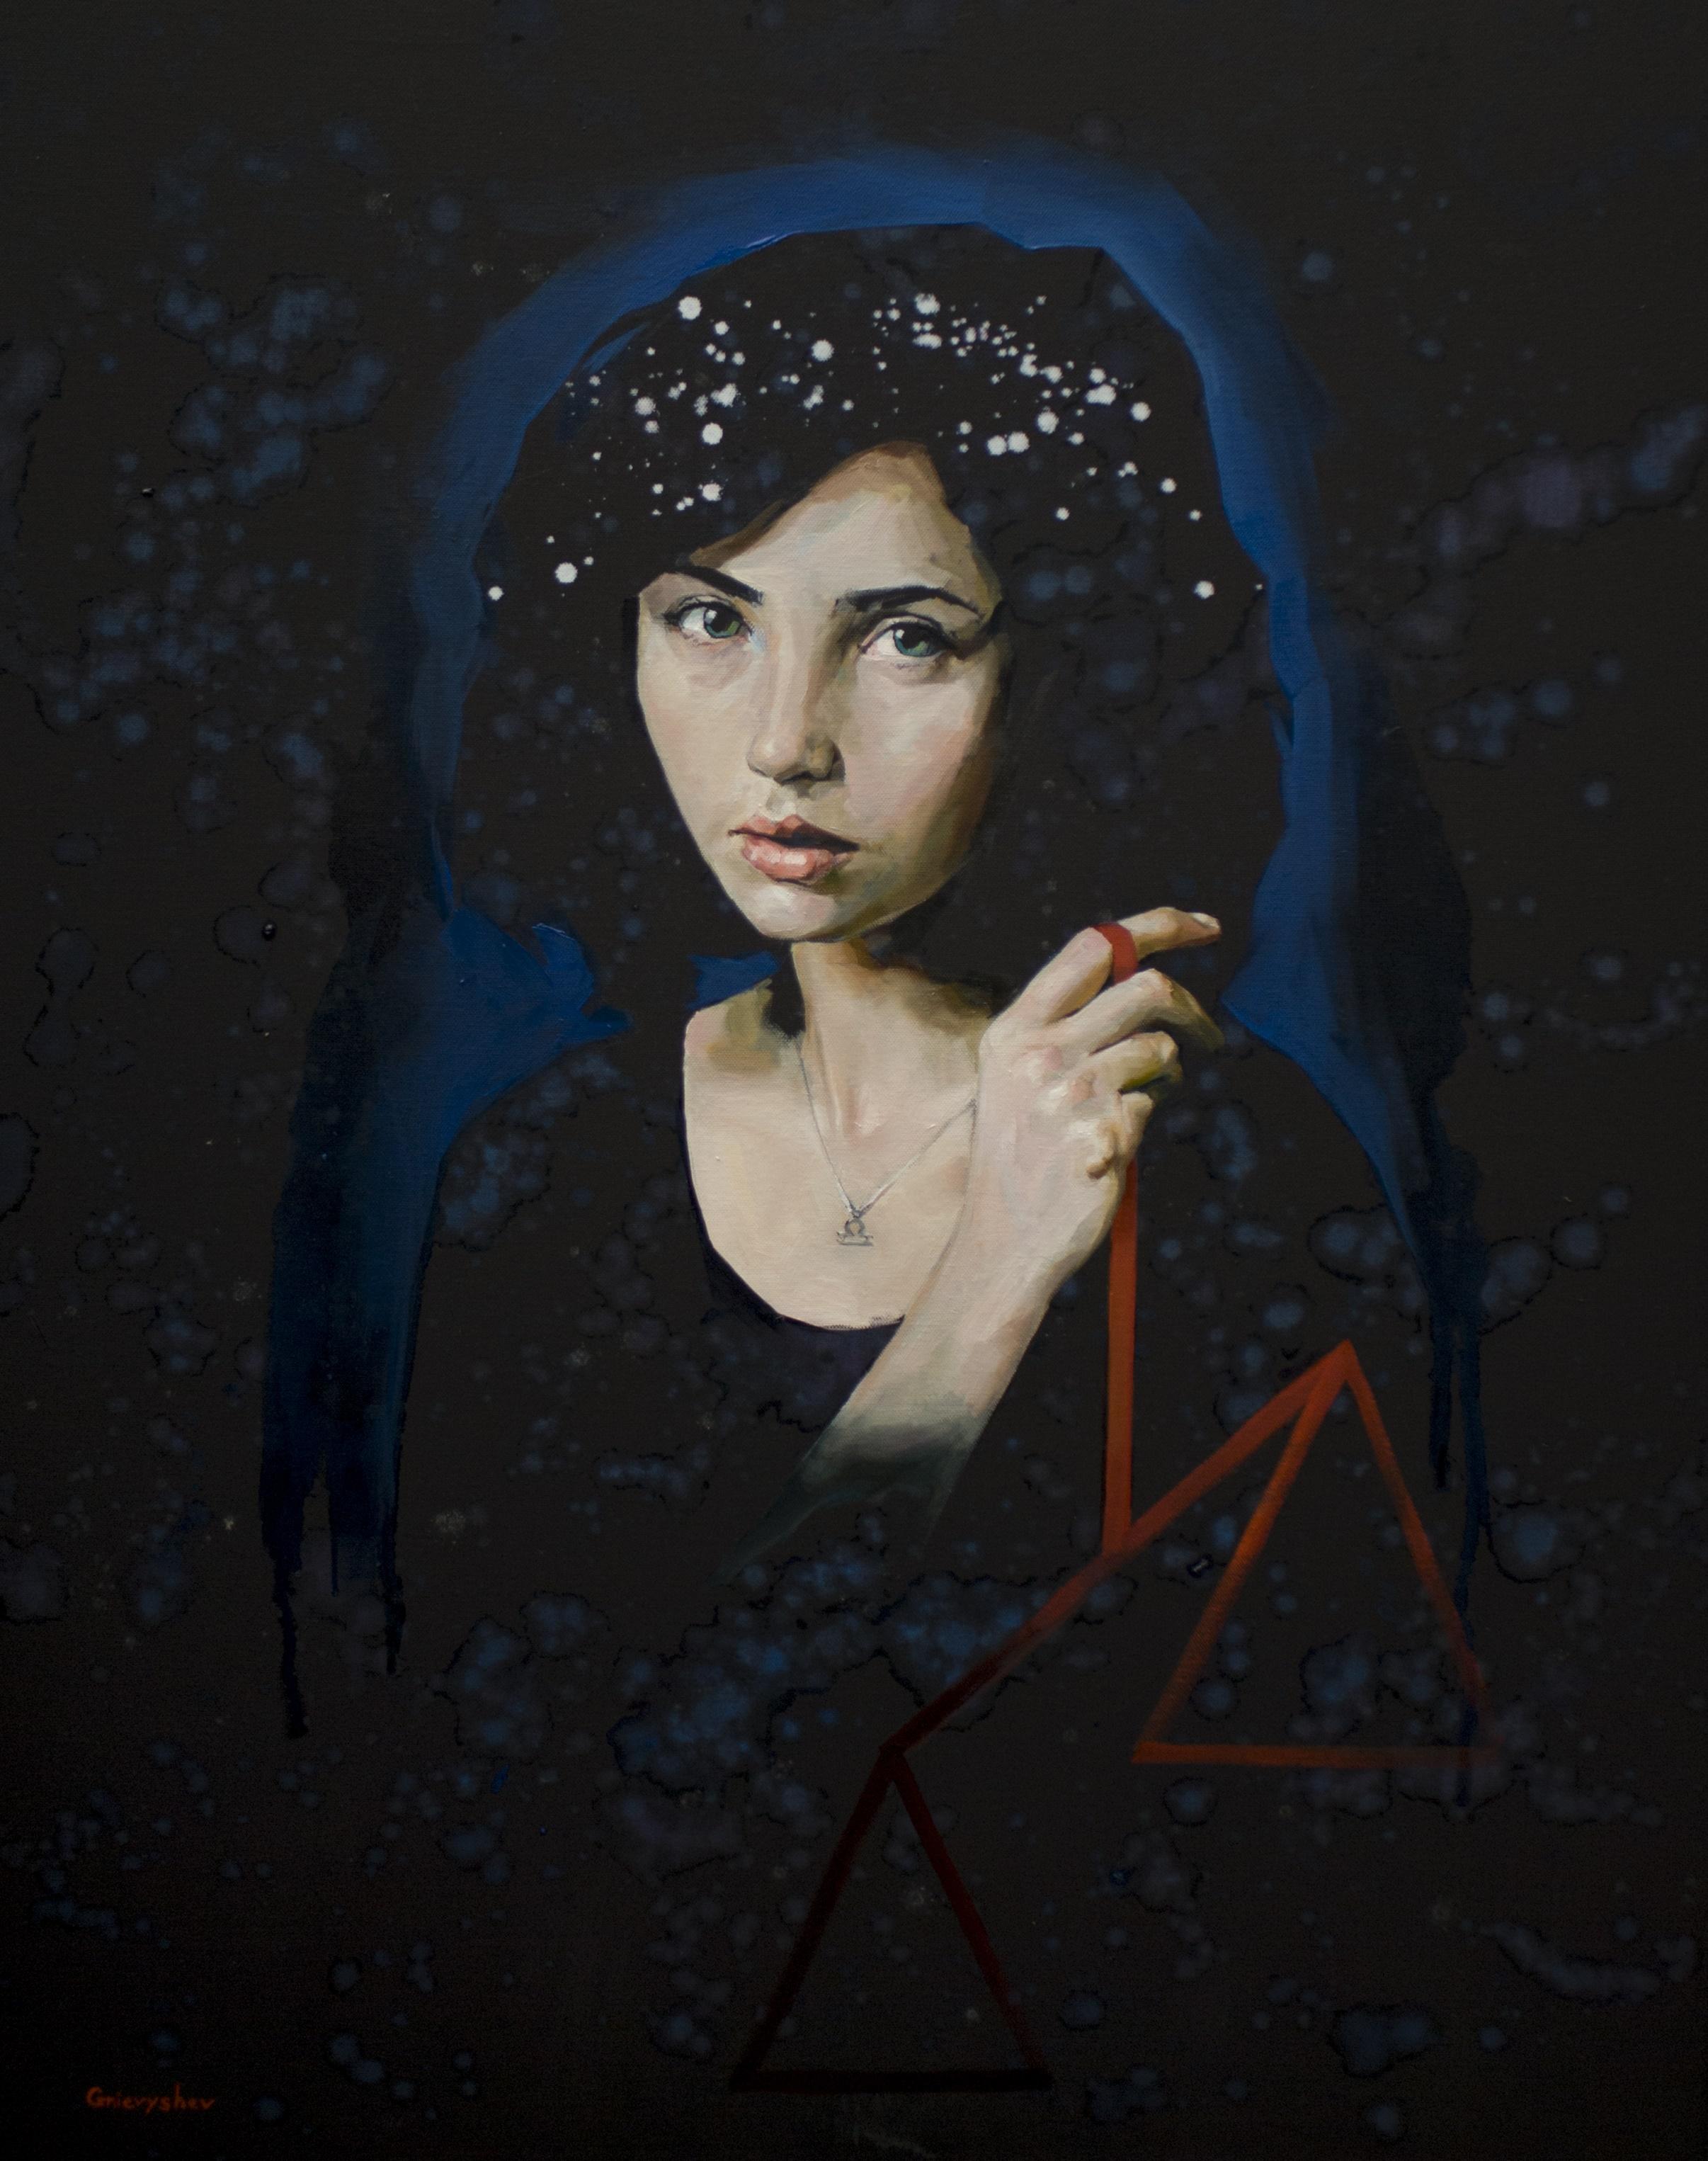 Rotte pittoriche di Oleksii Gnevyshev   Ukraine - dal 12 al 25 Maggio 2019a cura di Antonella Gemma e Immagini Spazio Arte